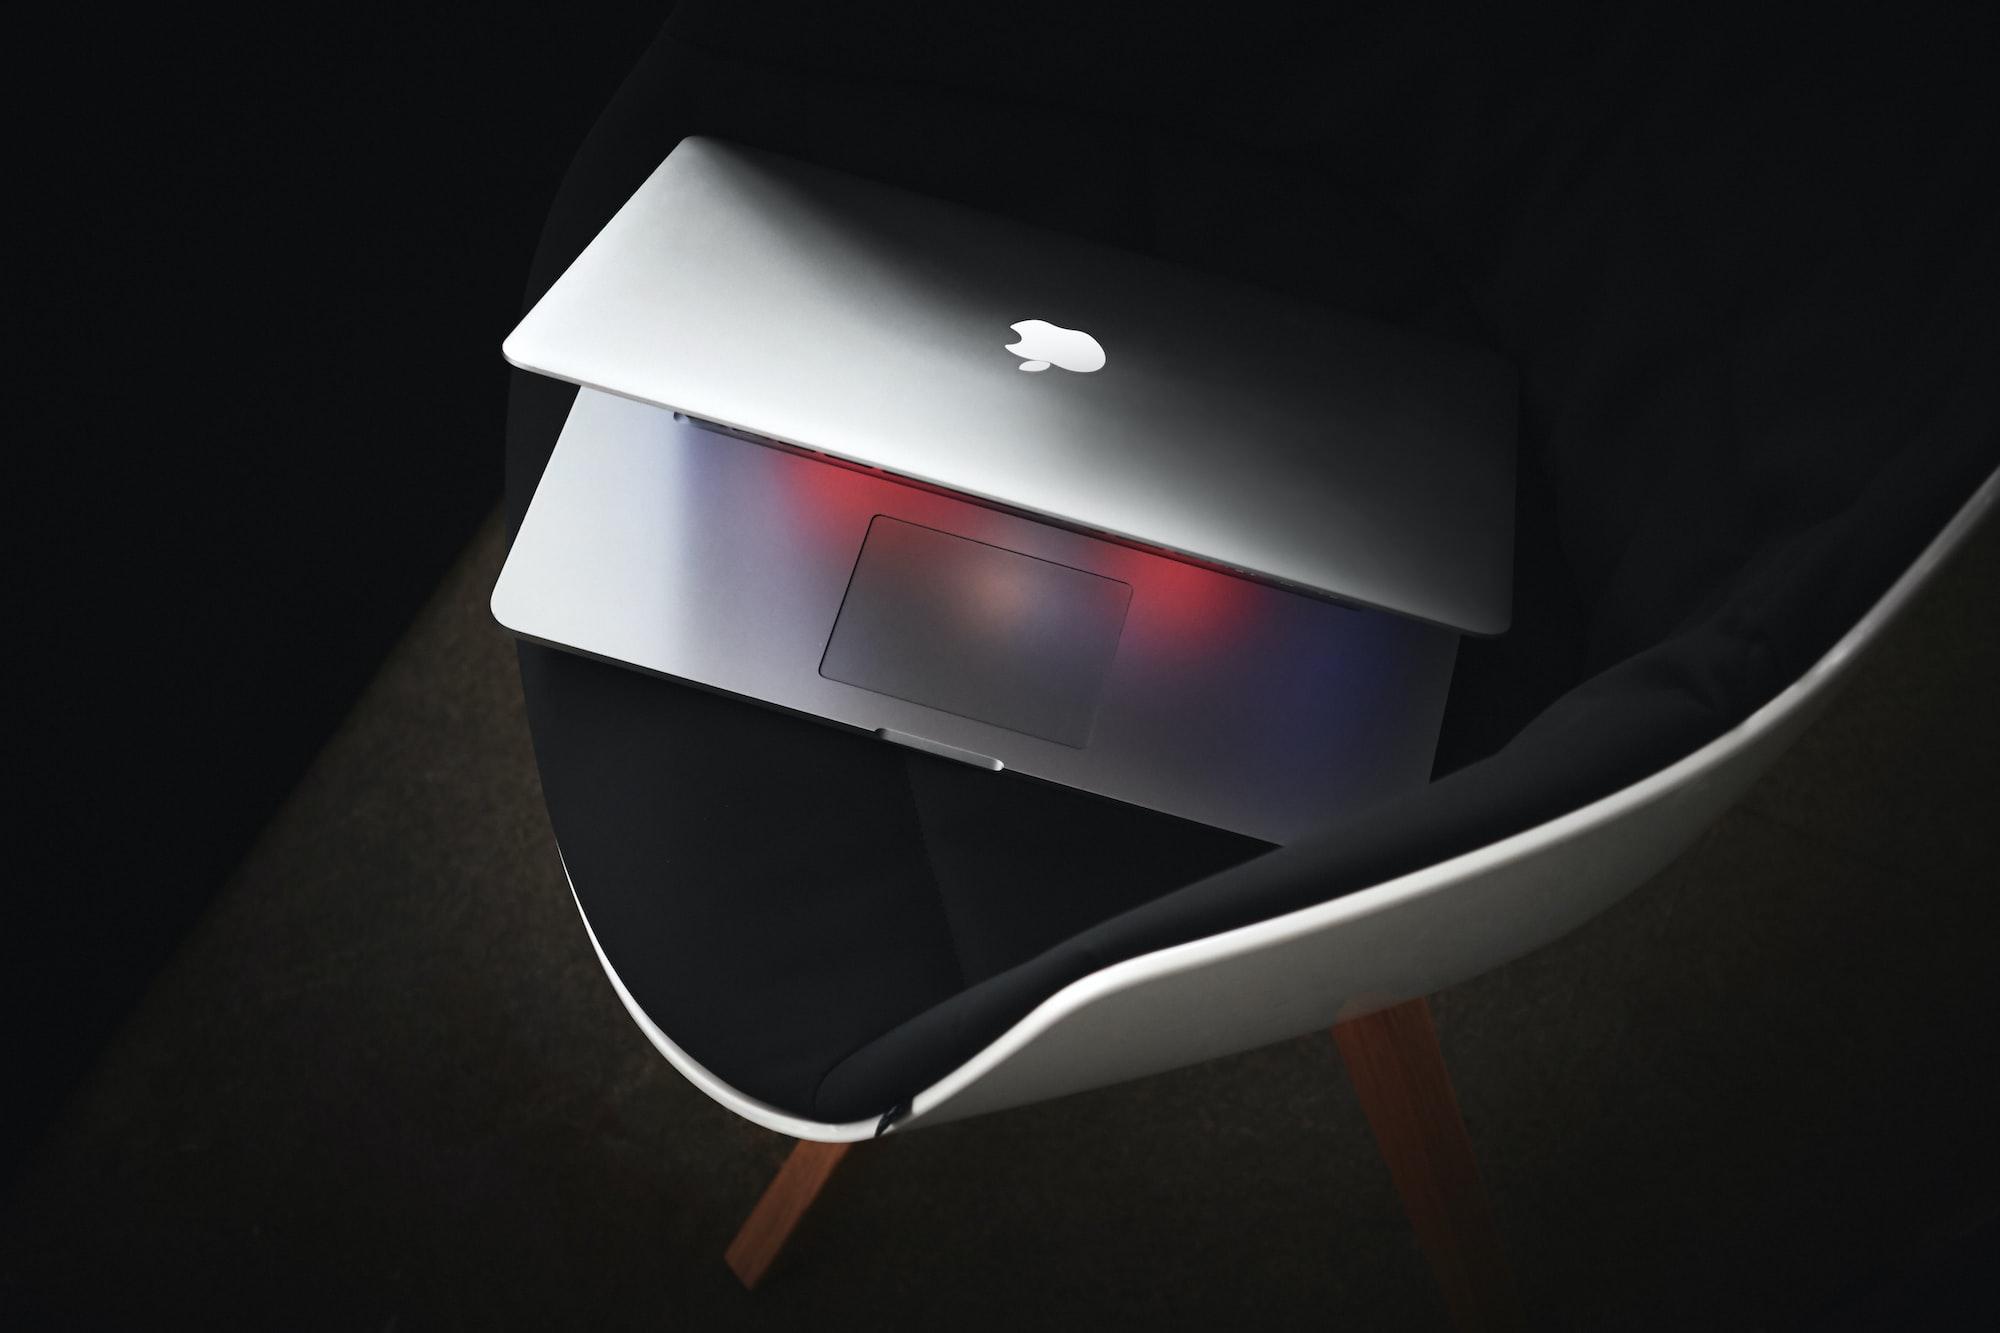 macOS Big Sur 11.2.2 protege MacBooks de danos devido ao uso de docks